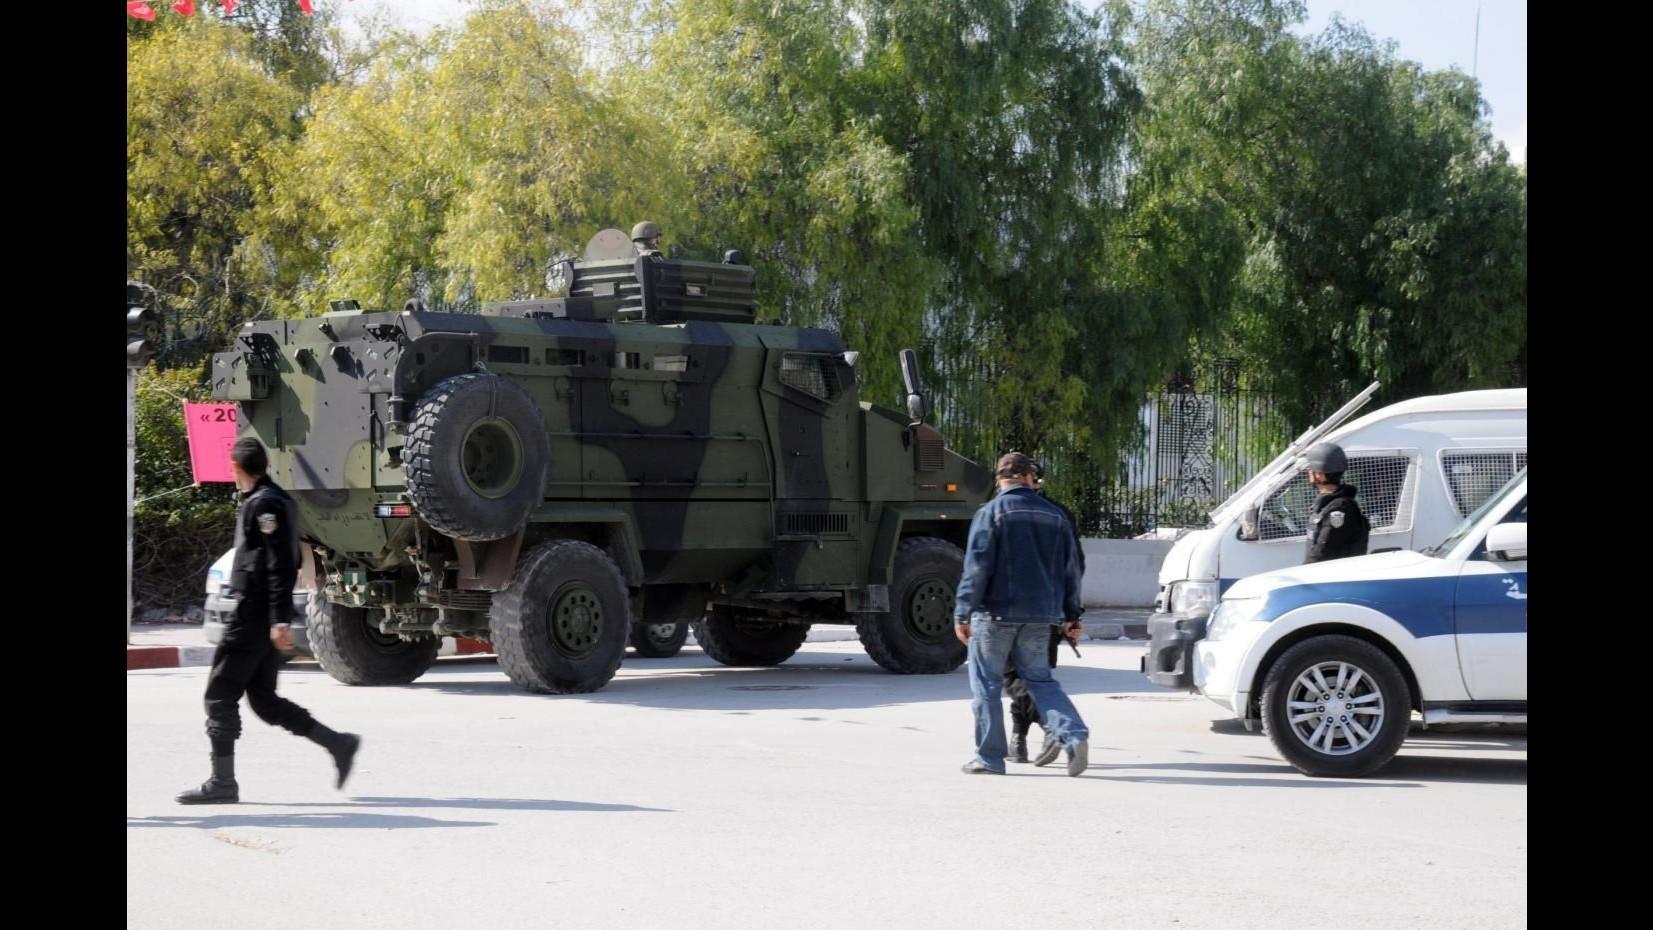 Tunisia, esplode bus delle guardia presidenziale a Tunisi: almeno 11 morti